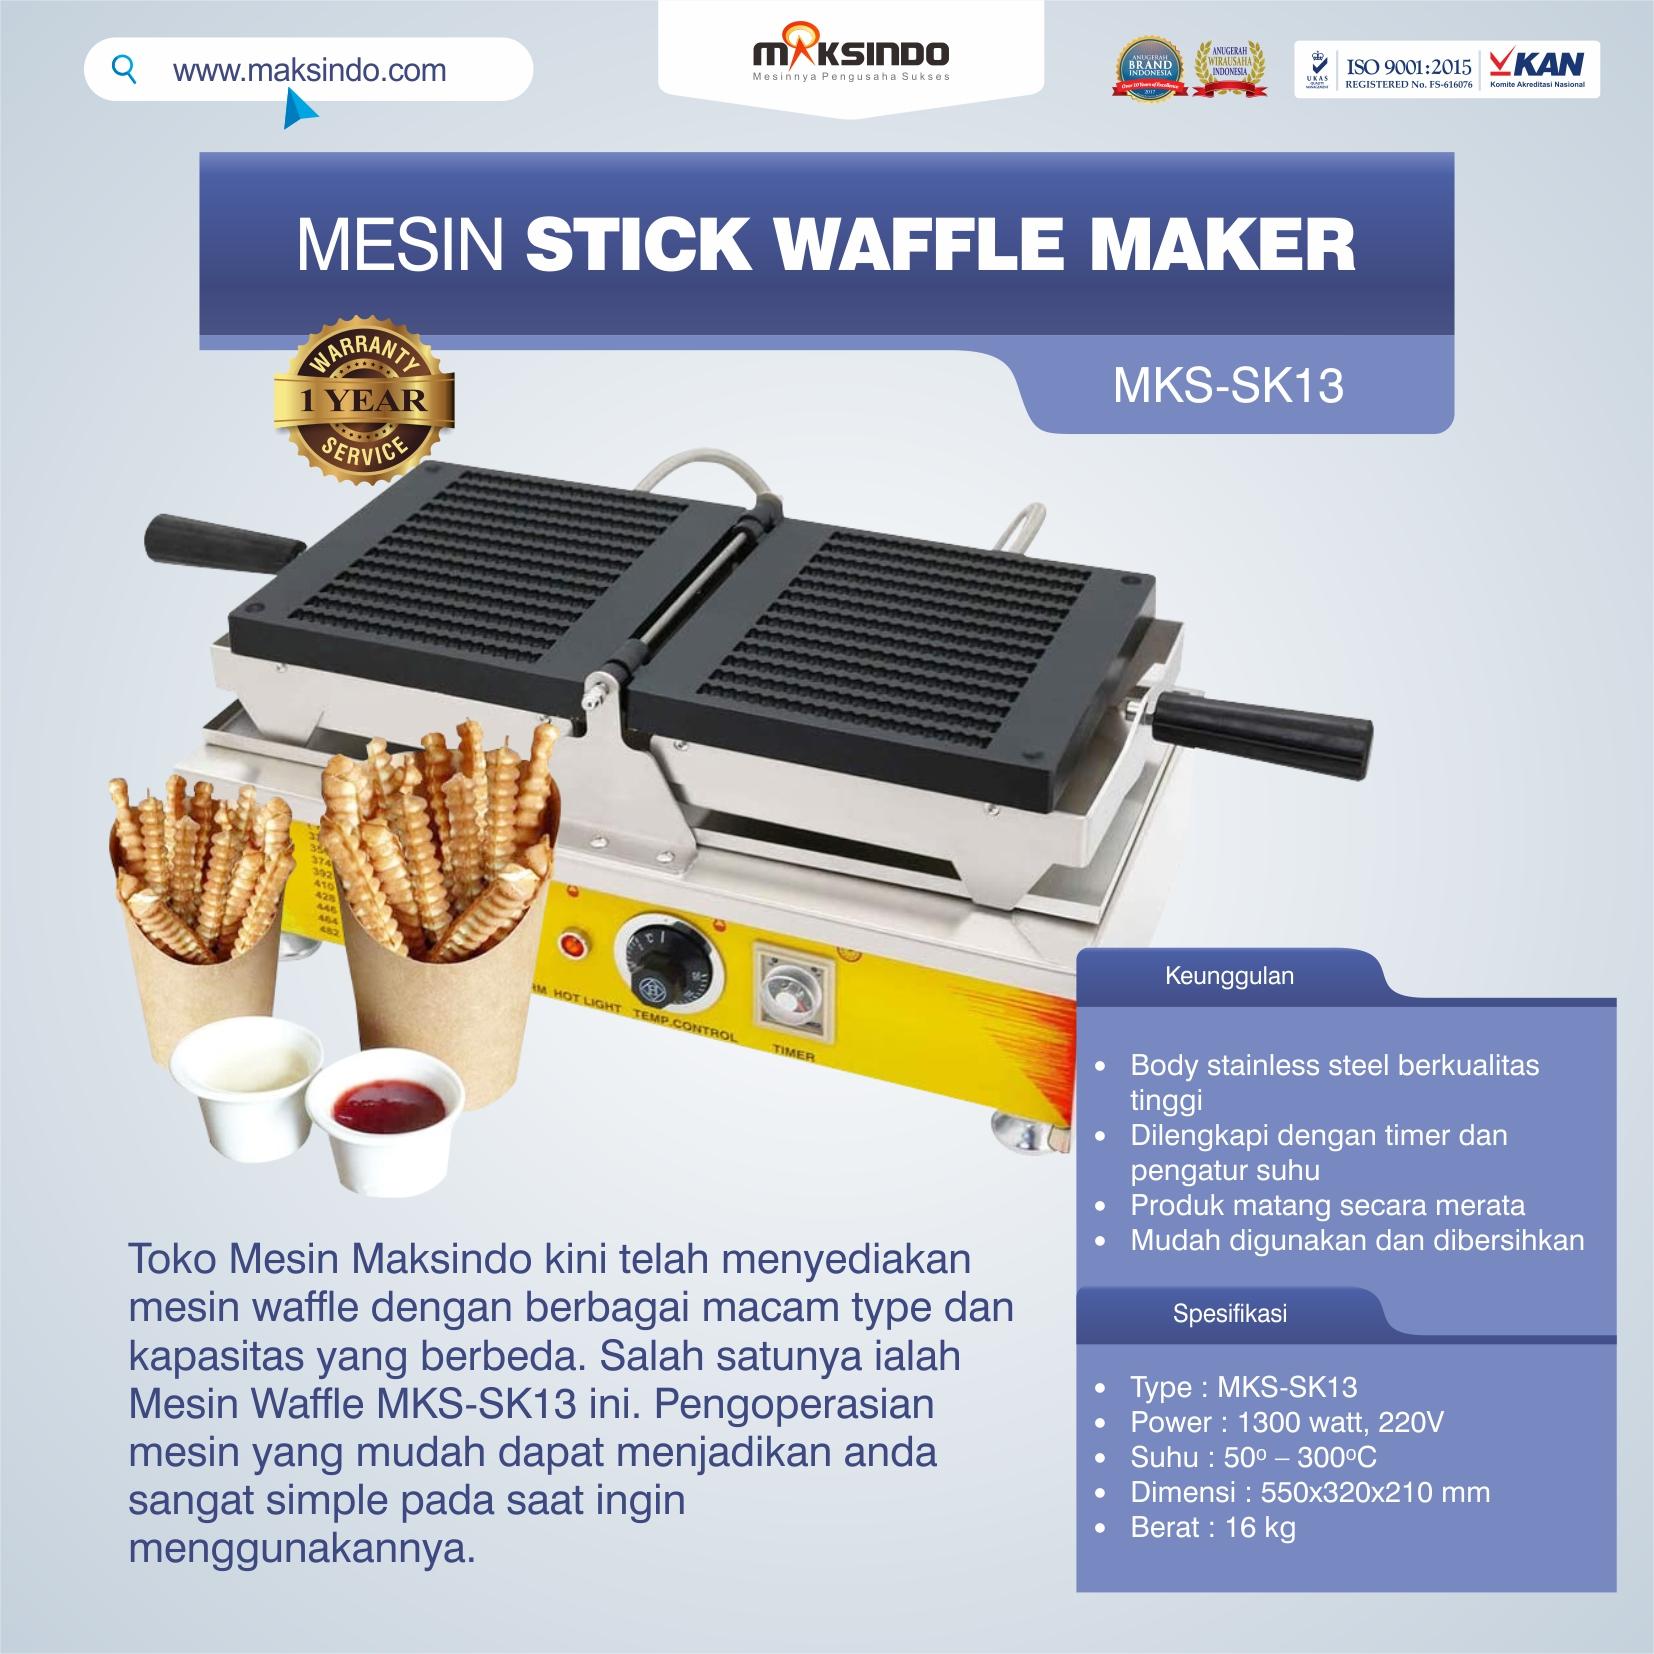 Jual Mesin Stick Waffle Maker MKS-SK13 di Bekiasi